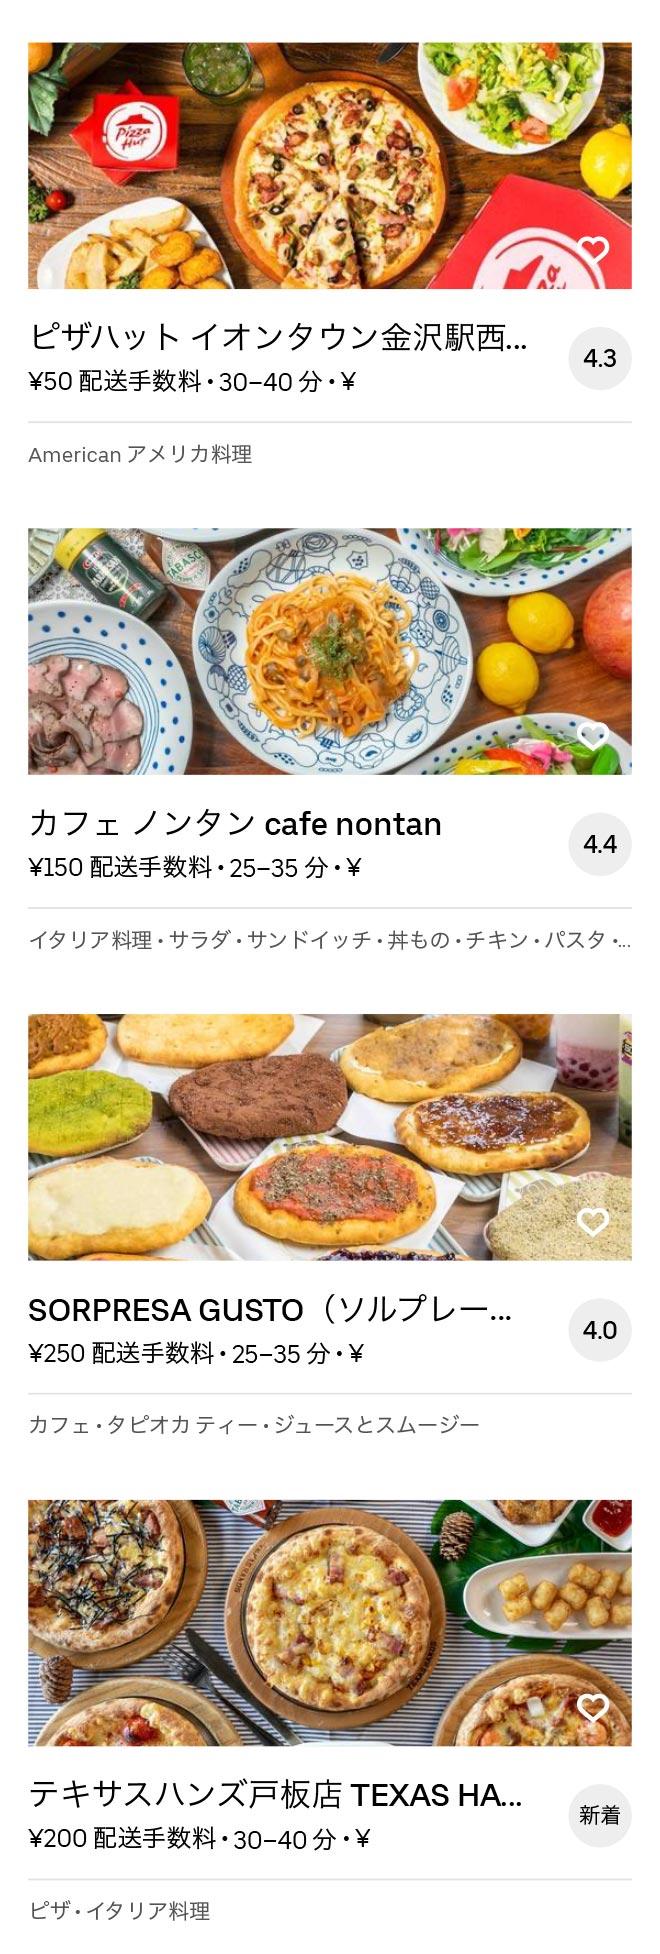 Kanazawa menu 2009 08